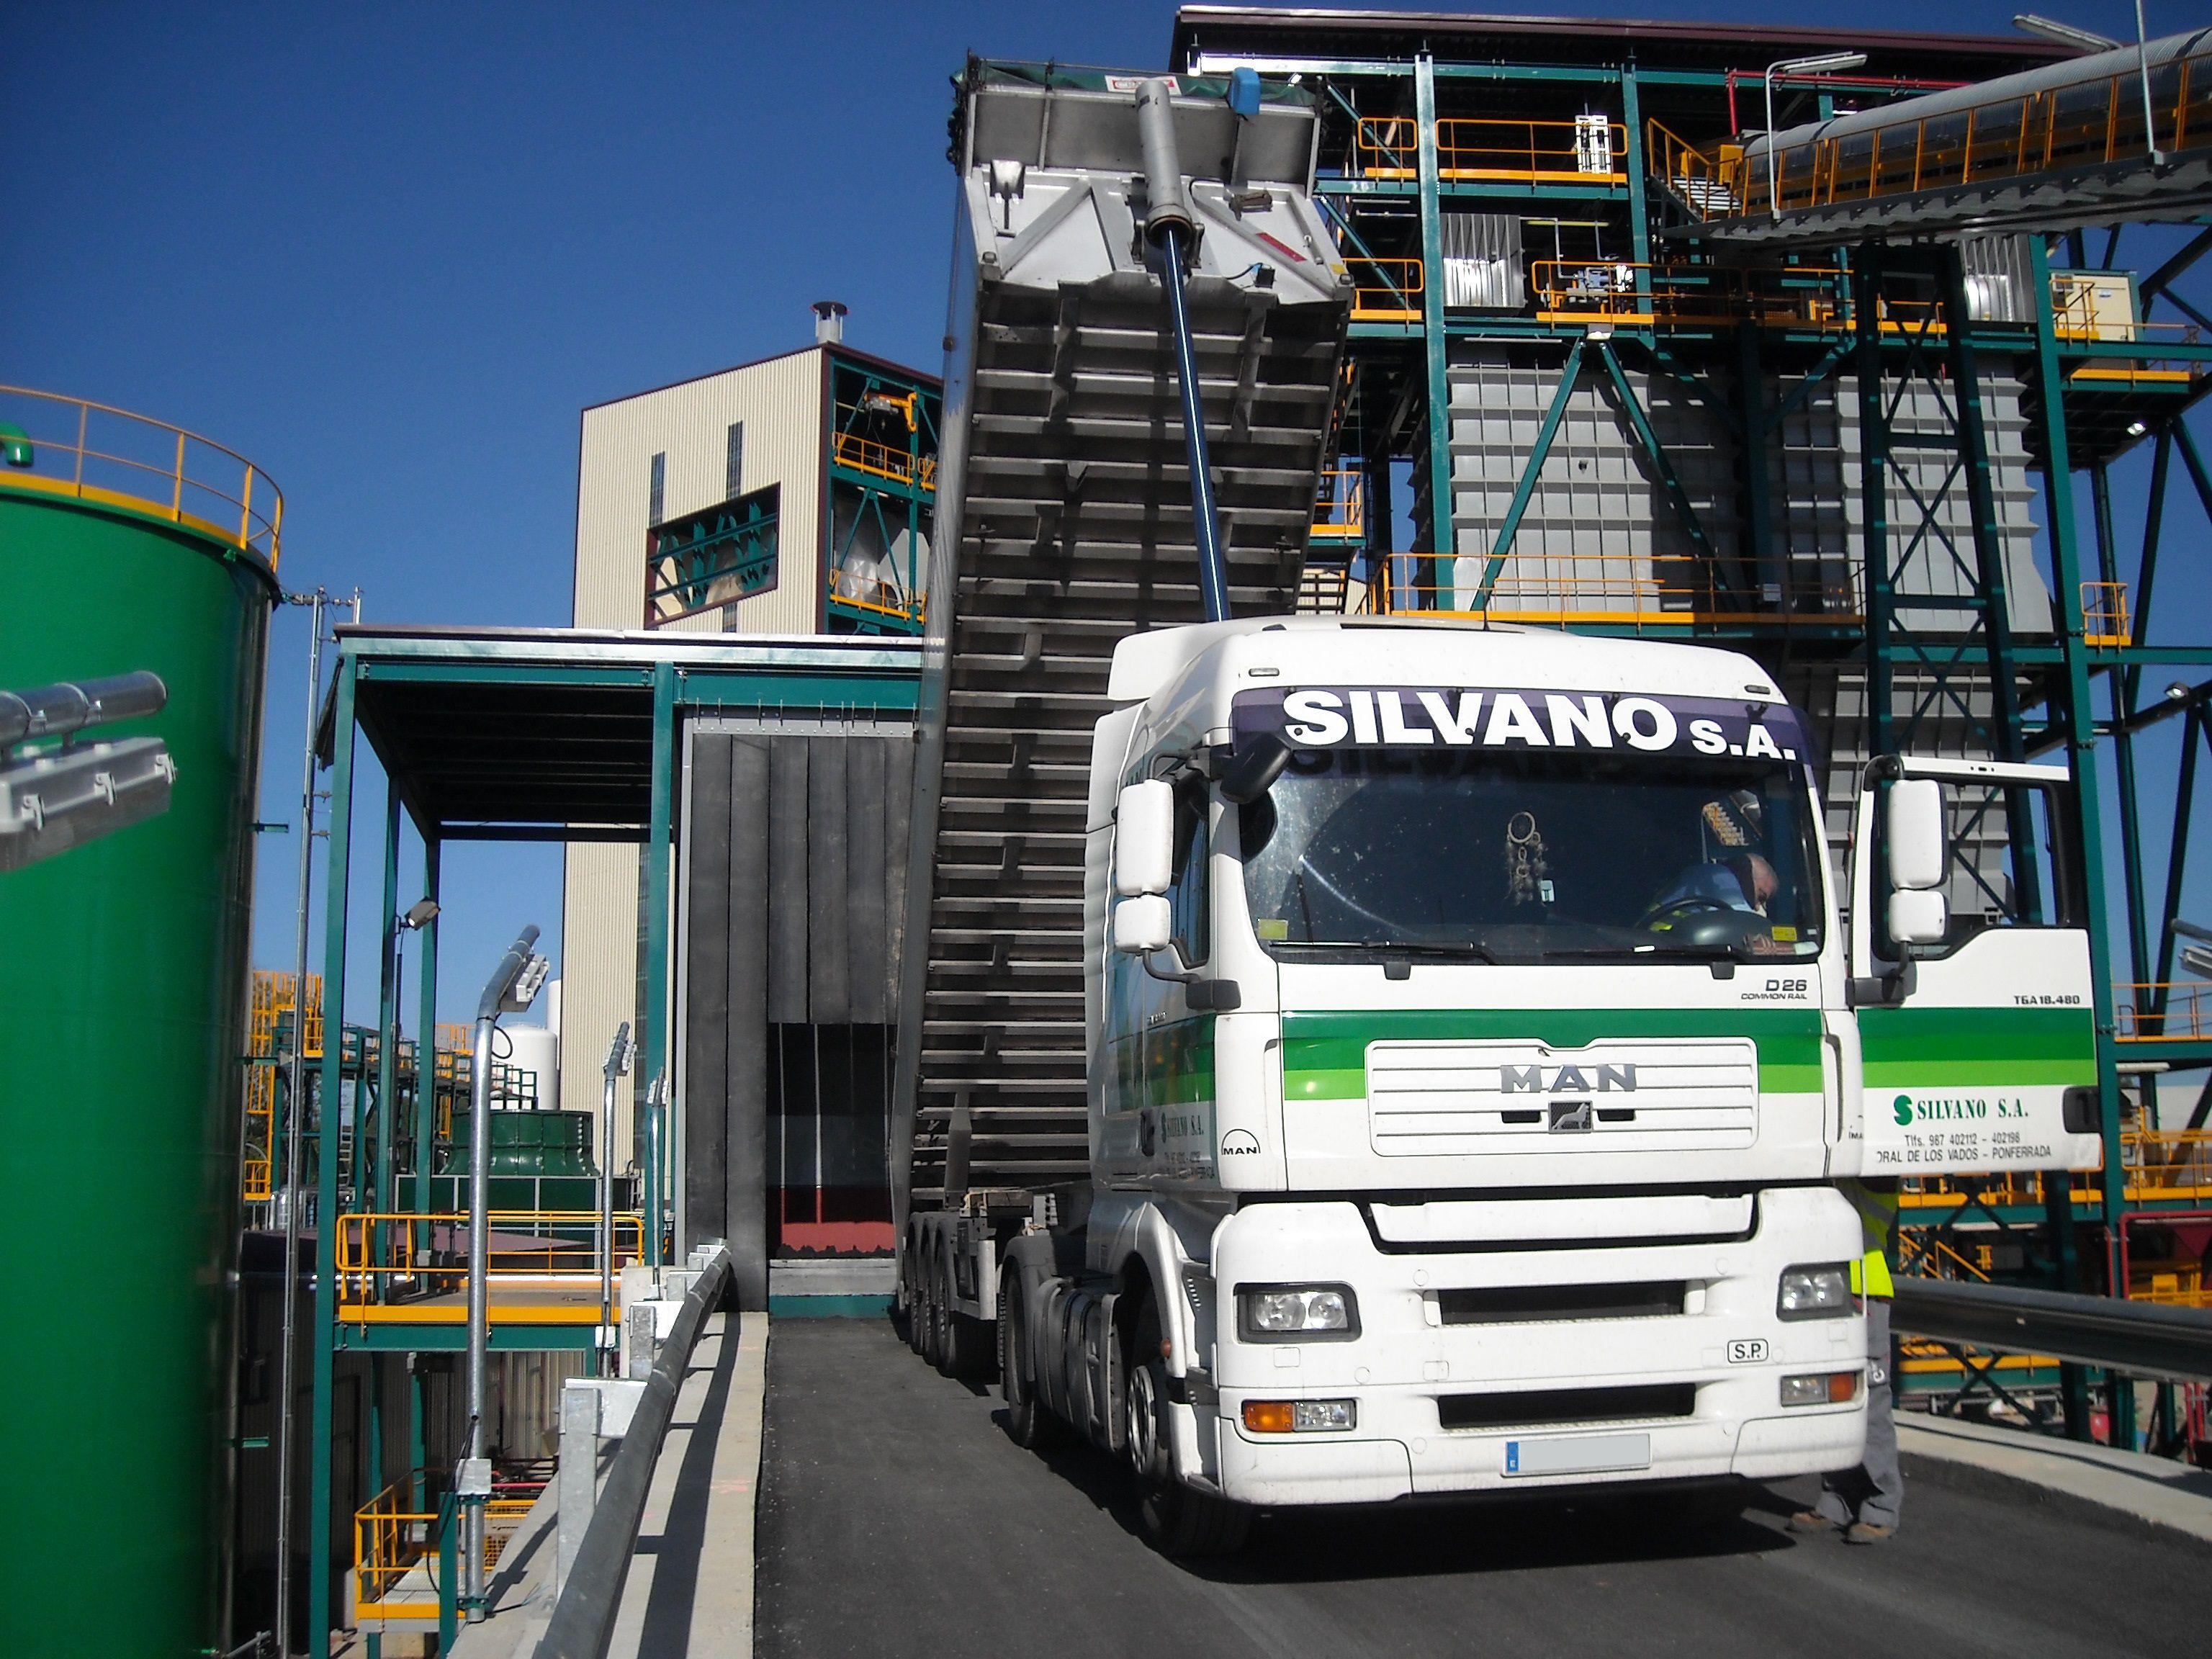 Carbones Silvano